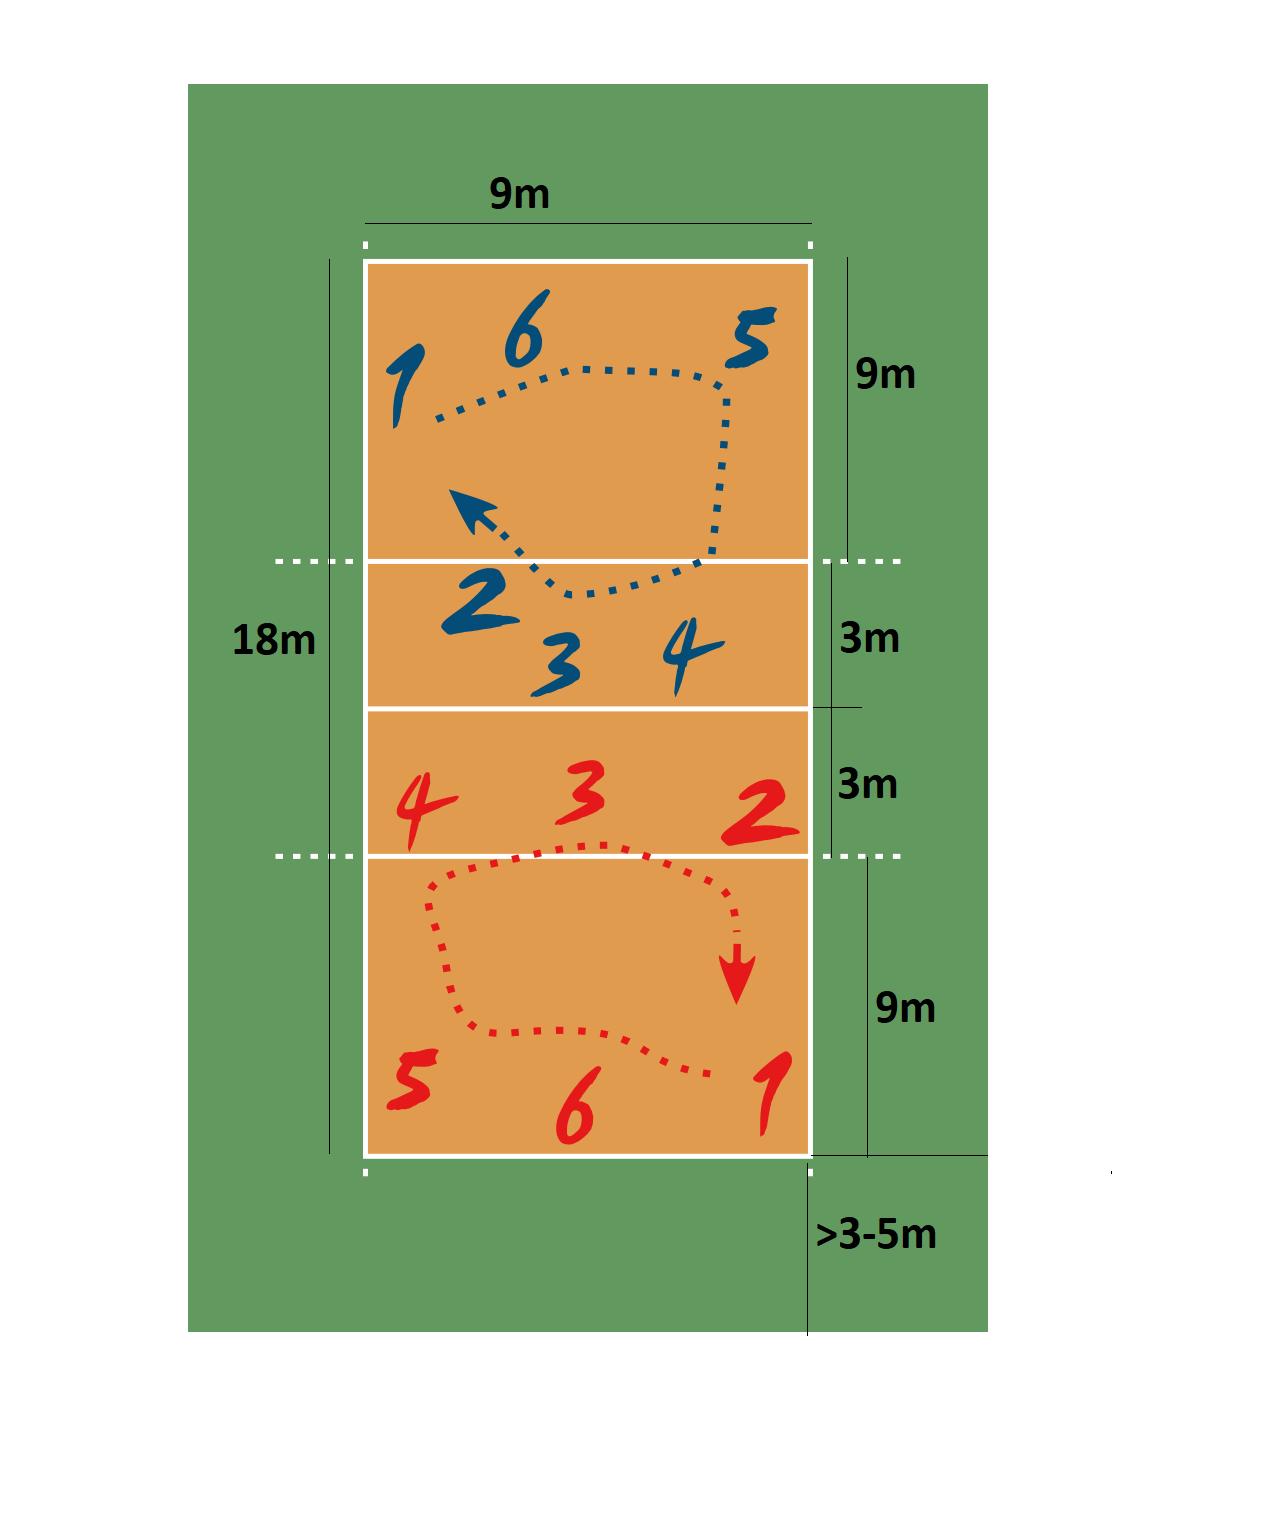 Kích thước sân bóng chuyền tiêu chuẩn